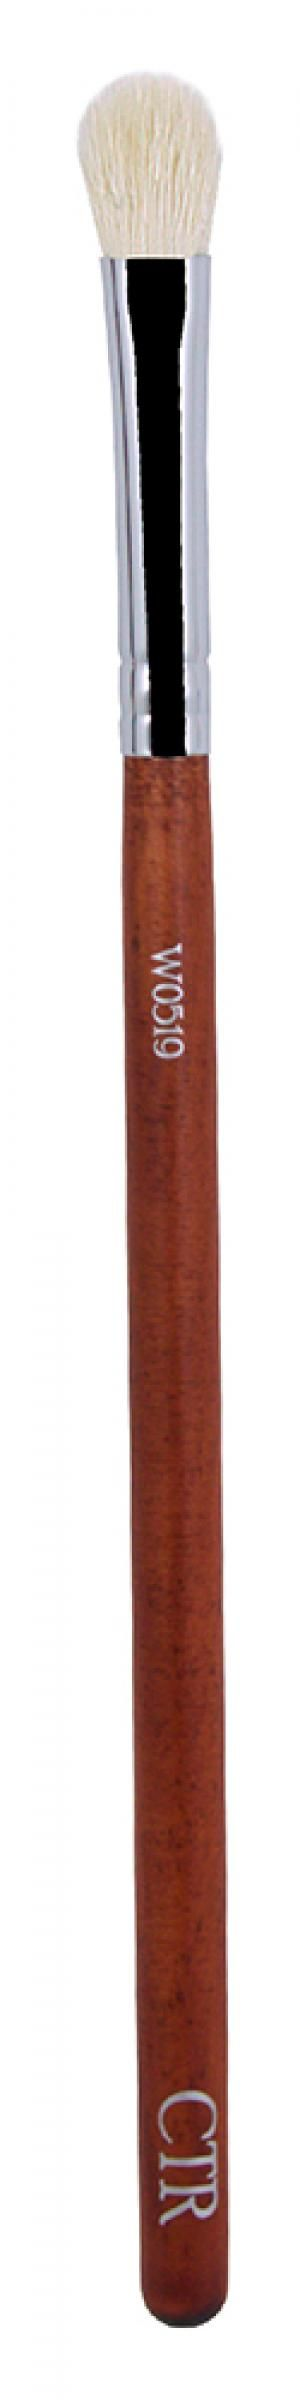 Кисть для нанесення і розтушування тіней ворс кози W0519  - 00-00011578